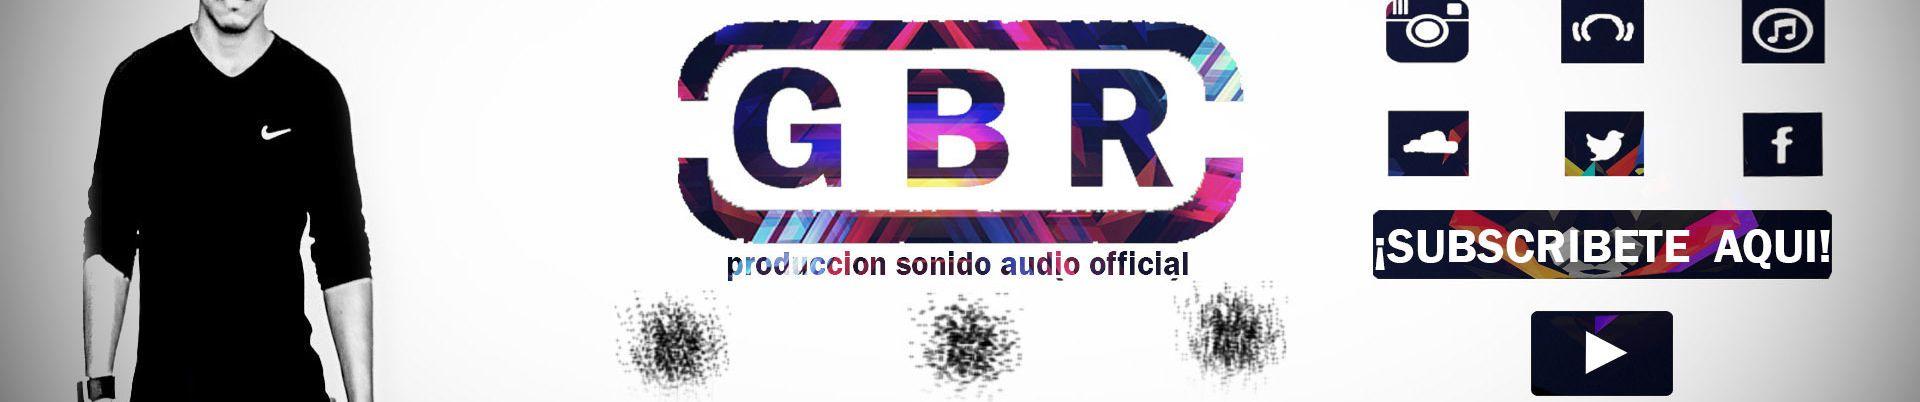 Bomba Estéreo Soy Yo Remix Gbr Audio By G B R Music